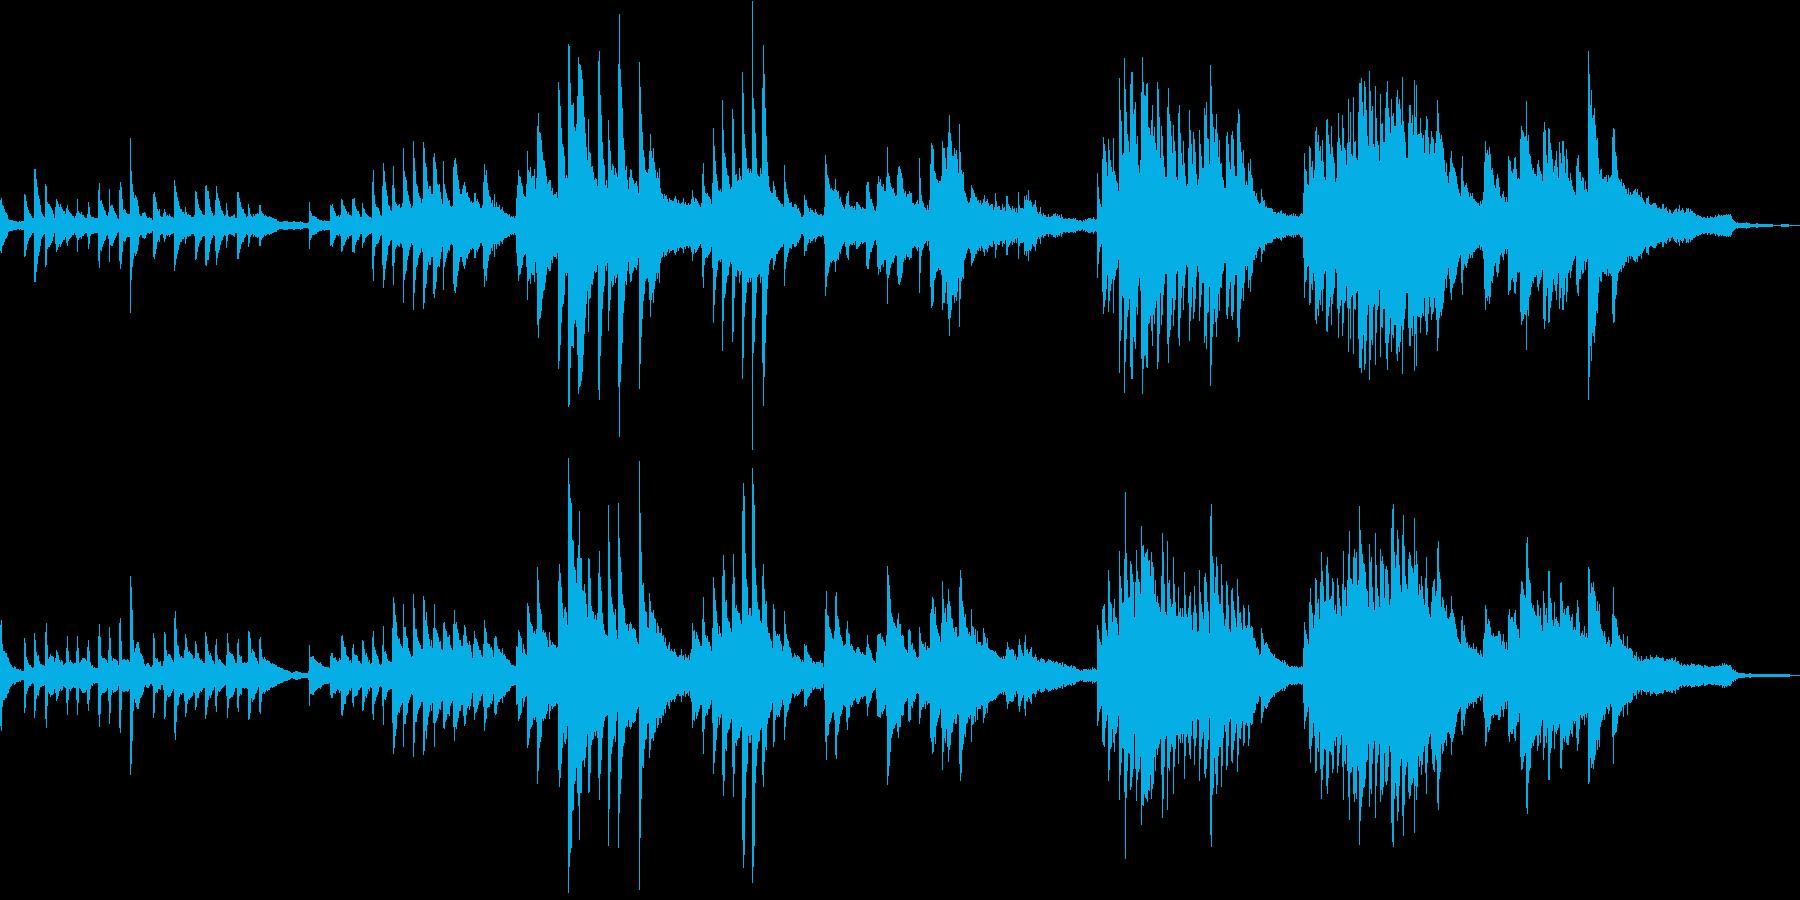 凛とした和風曲1(A)-タックピアノの再生済みの波形